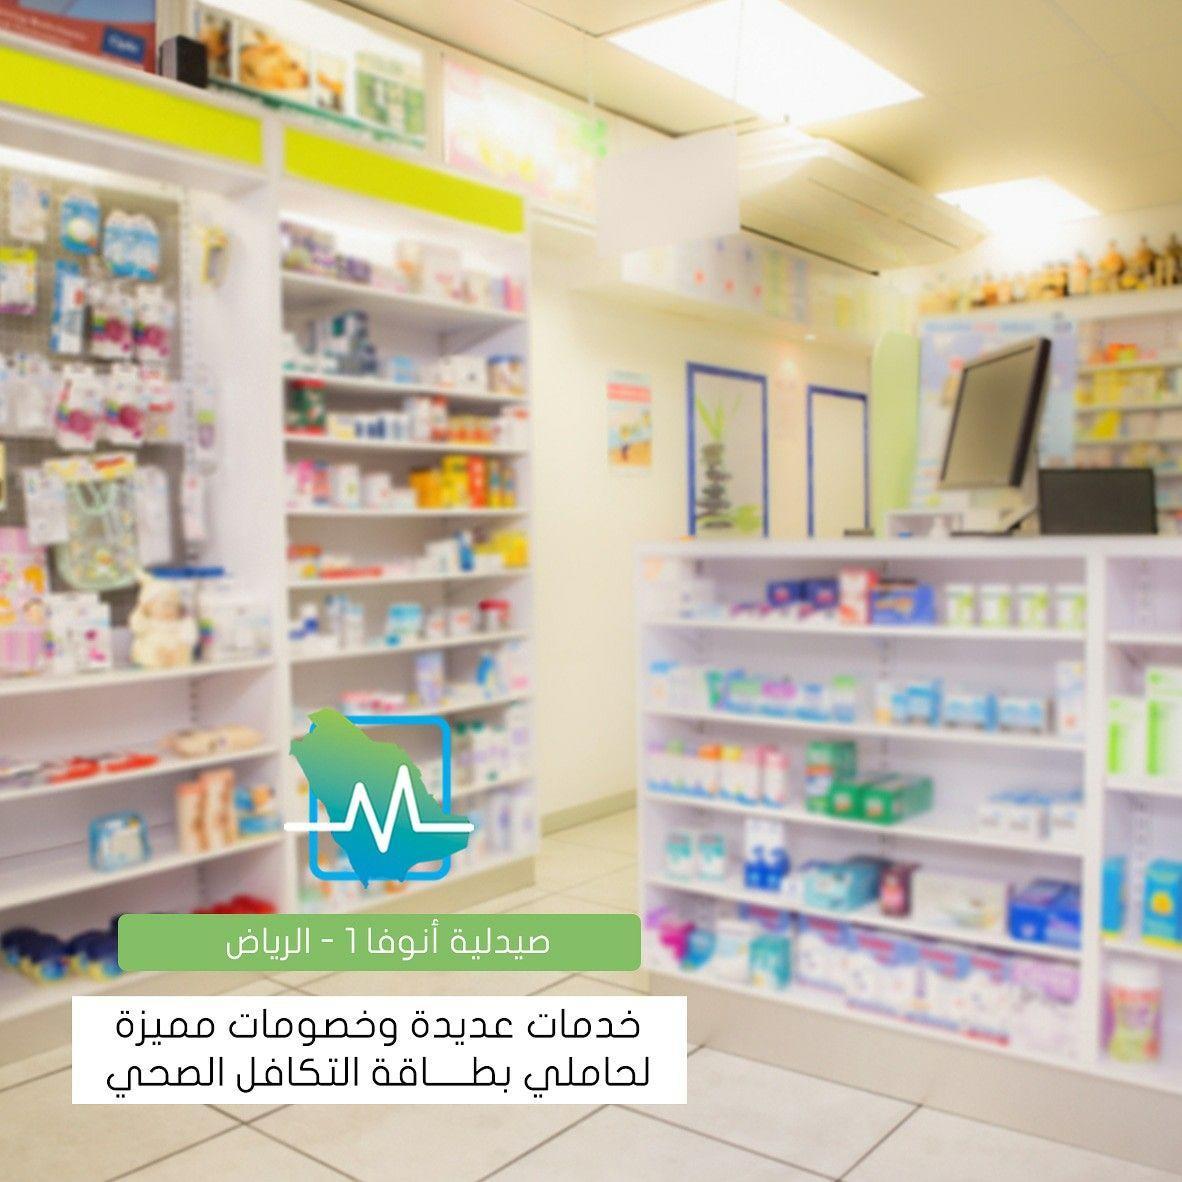 خصومات تصل إلى 10 لحاملي بطاقة التكافل الصحي على مستحضرات التجميل نقدمها لك من صيدلية أنوفا 1 في الرياض حي الوادي بشرة تجميل مست Home Decor Decor Home